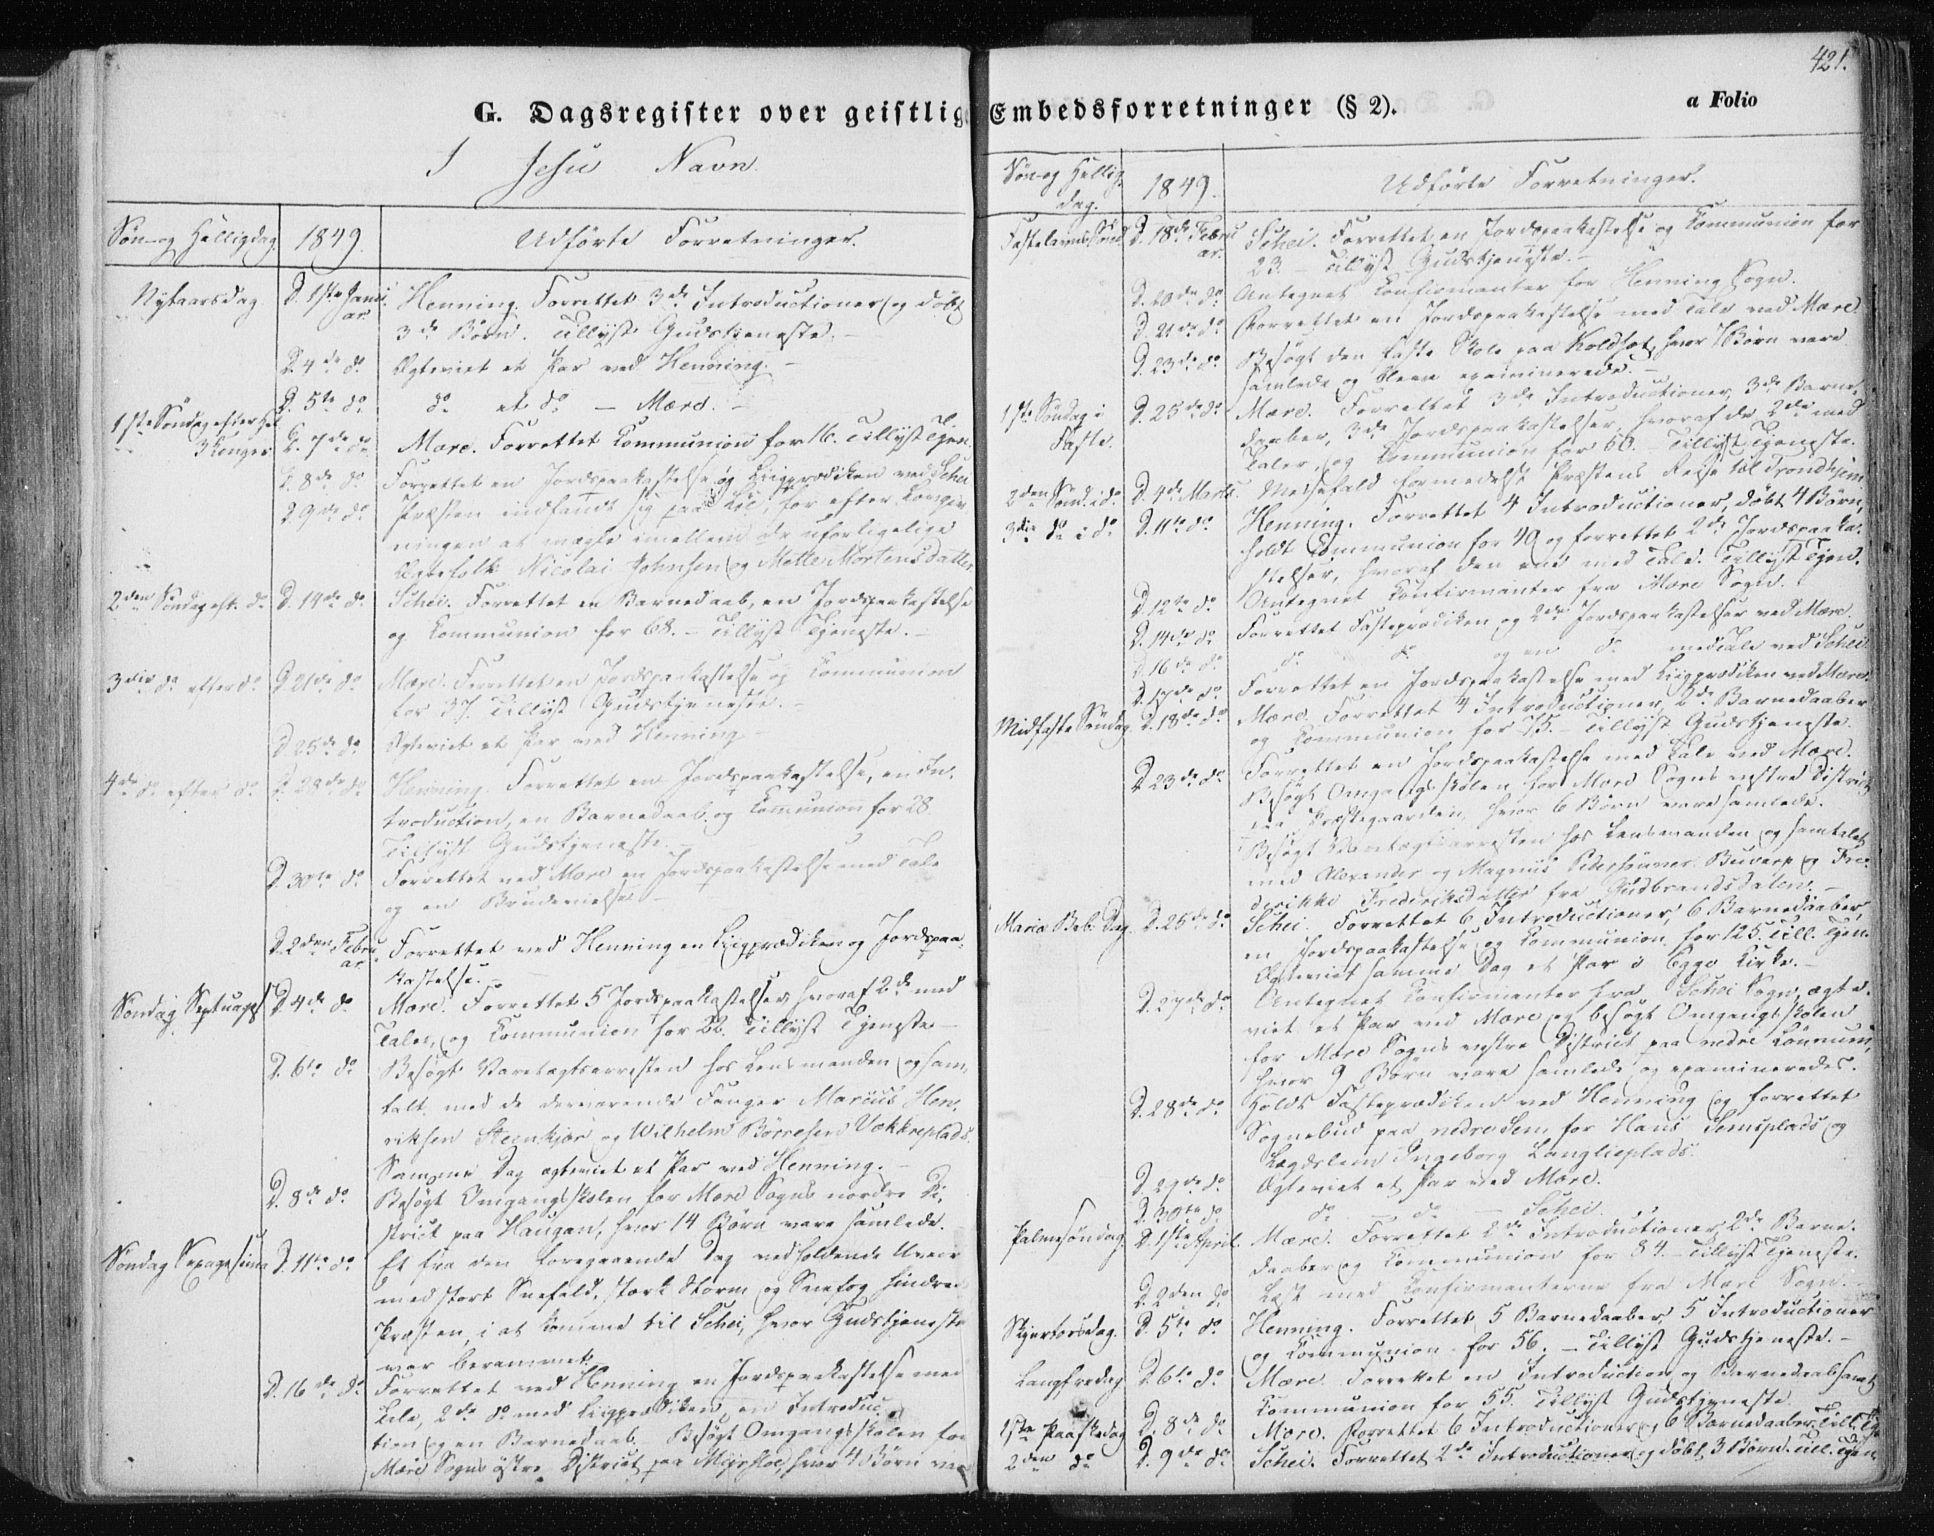 SAT, Ministerialprotokoller, klokkerbøker og fødselsregistre - Nord-Trøndelag, 735/L0342: Ministerialbok nr. 735A07 /1, 1849-1862, s. 421